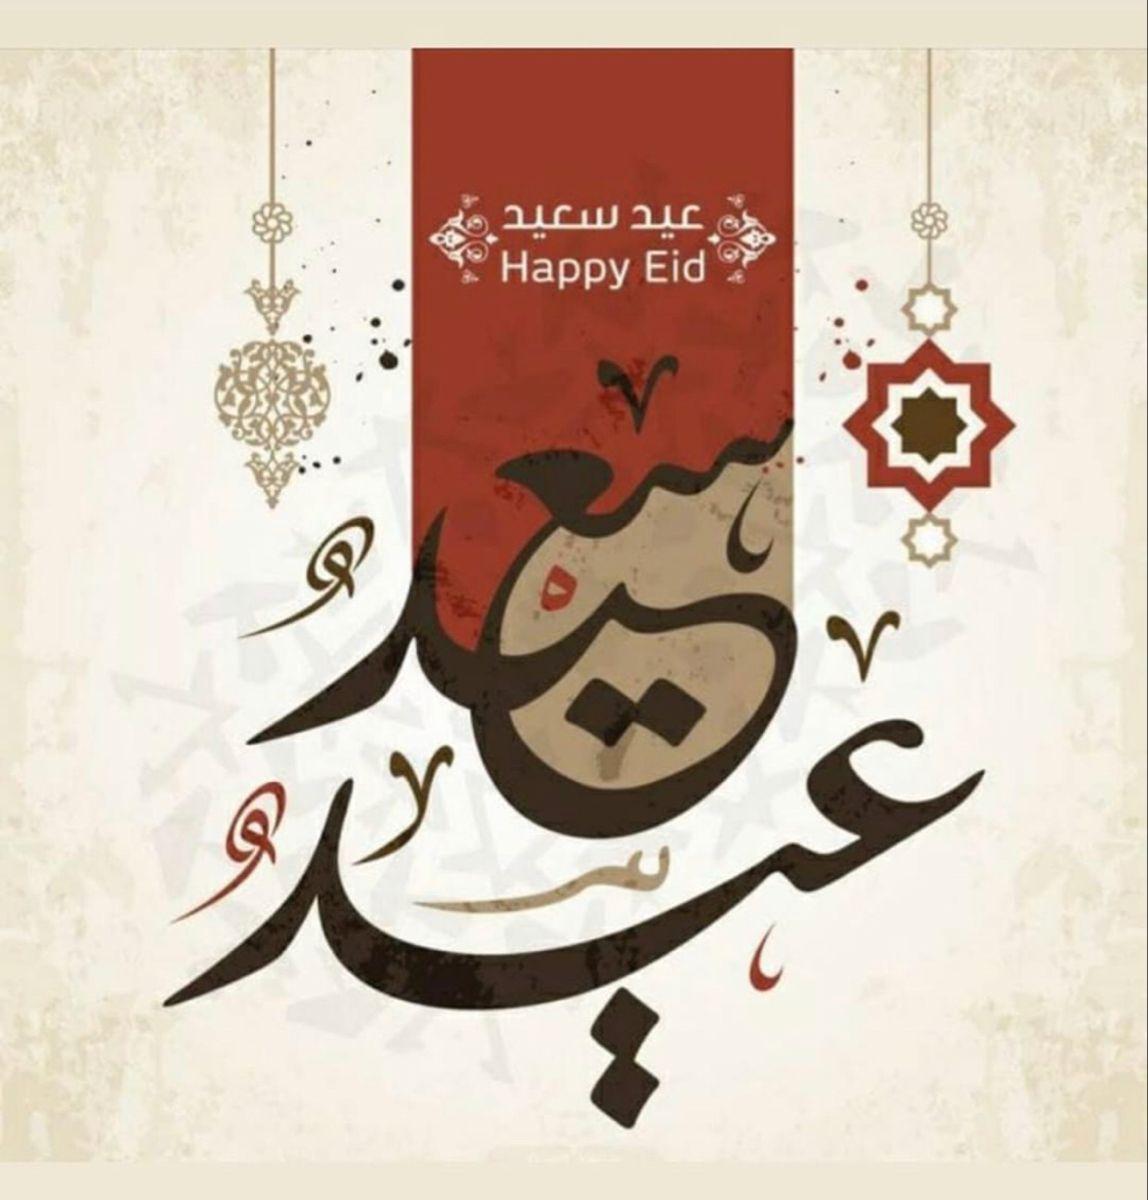 Pin By Ahmed Alabdullah On Tavla Happy Eid Happy Islamic New Year Eid Al Fitr